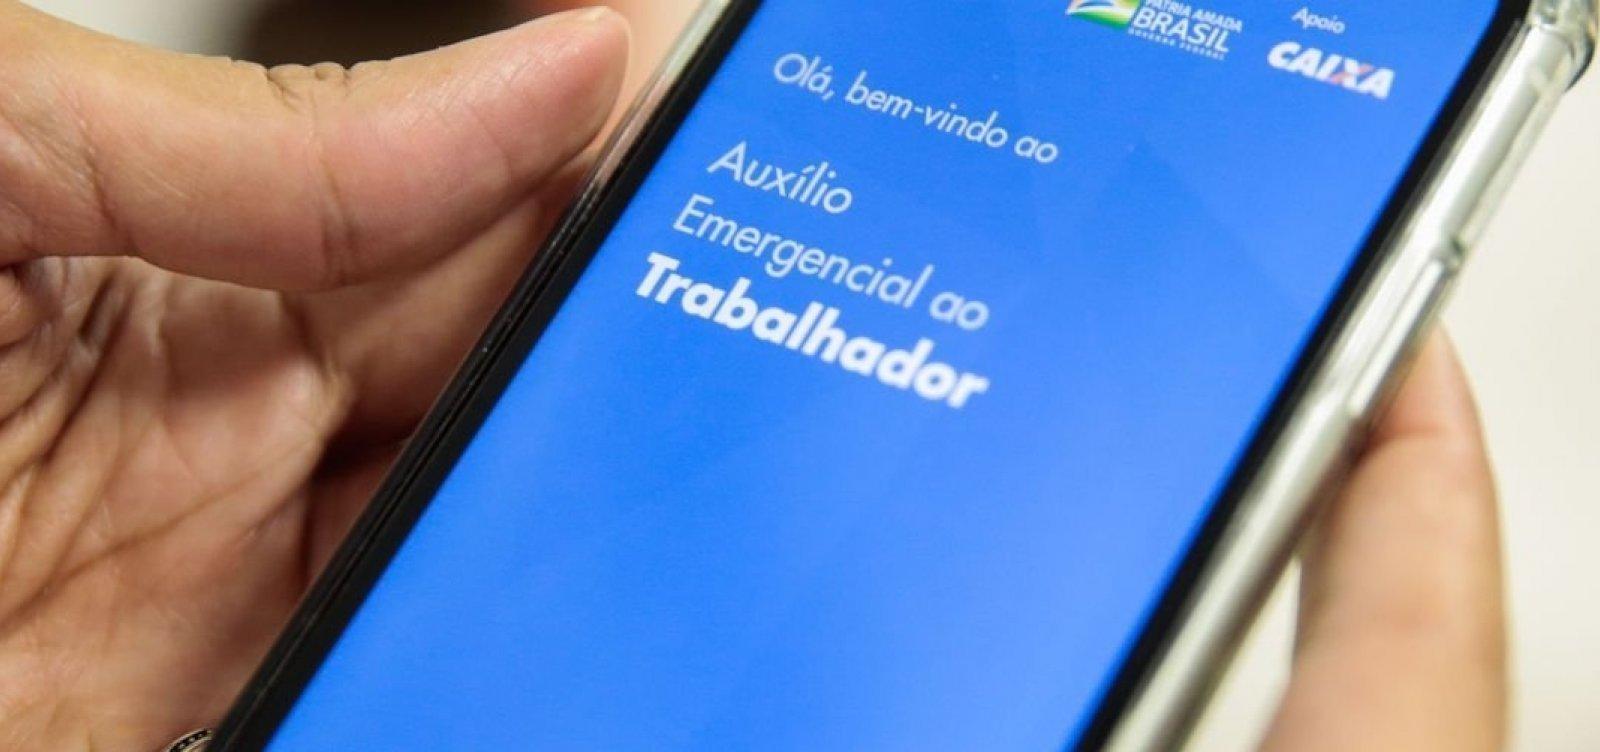 Governo enviará SMS a 2,3 mi de pessoas para cobrar devolução de auxílio indevido